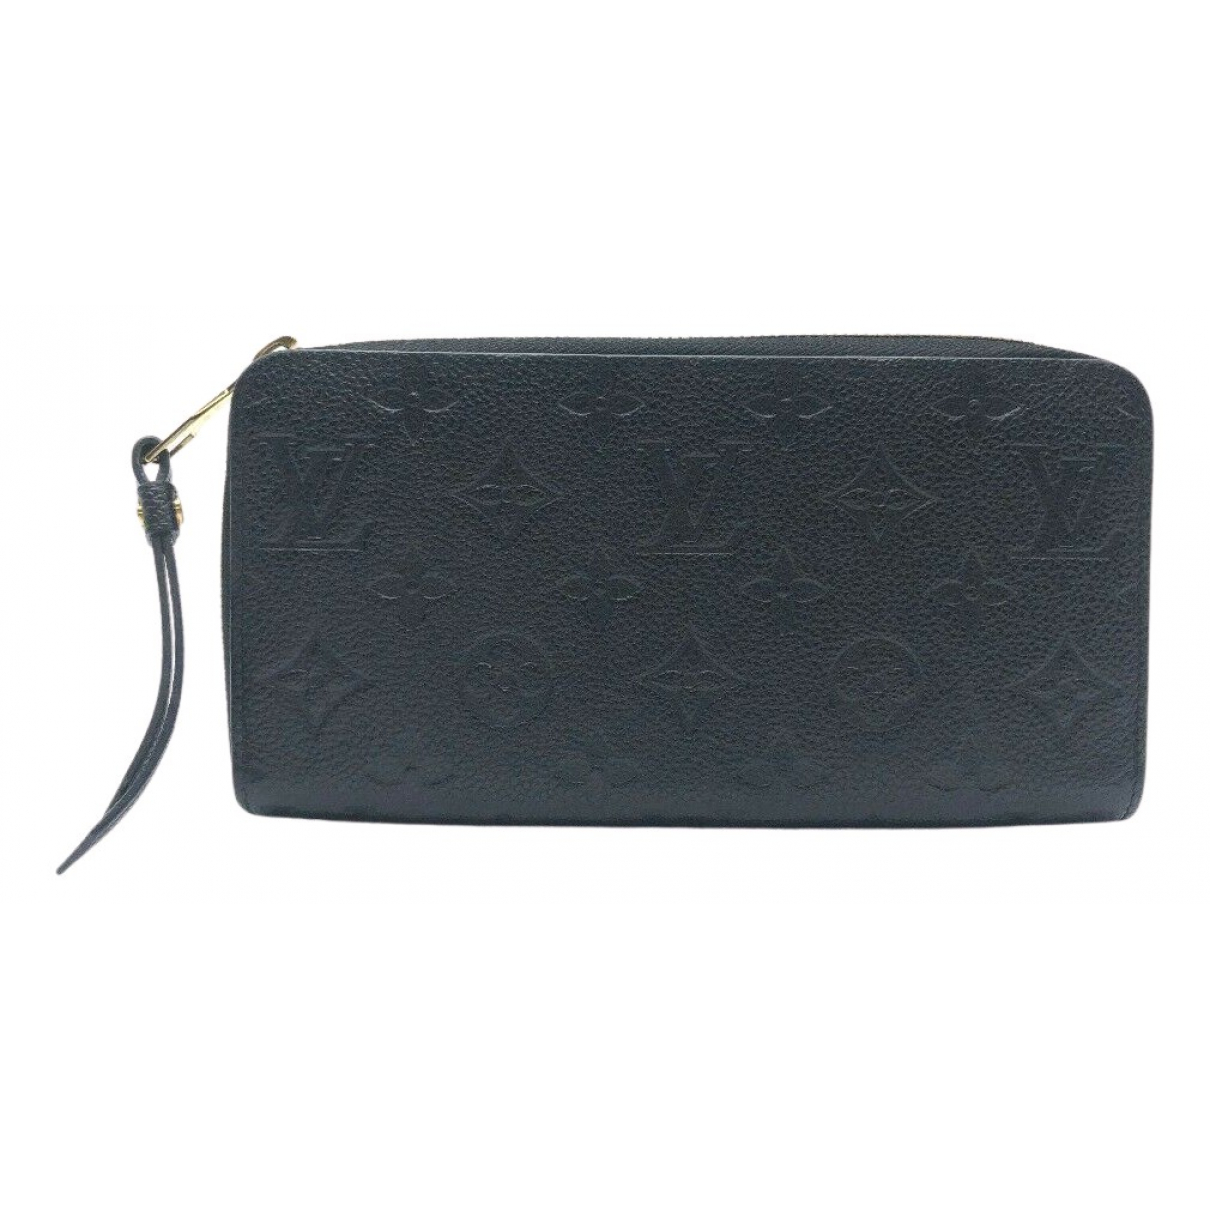 Louis Vuitton Zippy Portemonnaie in  Schwarz Leder